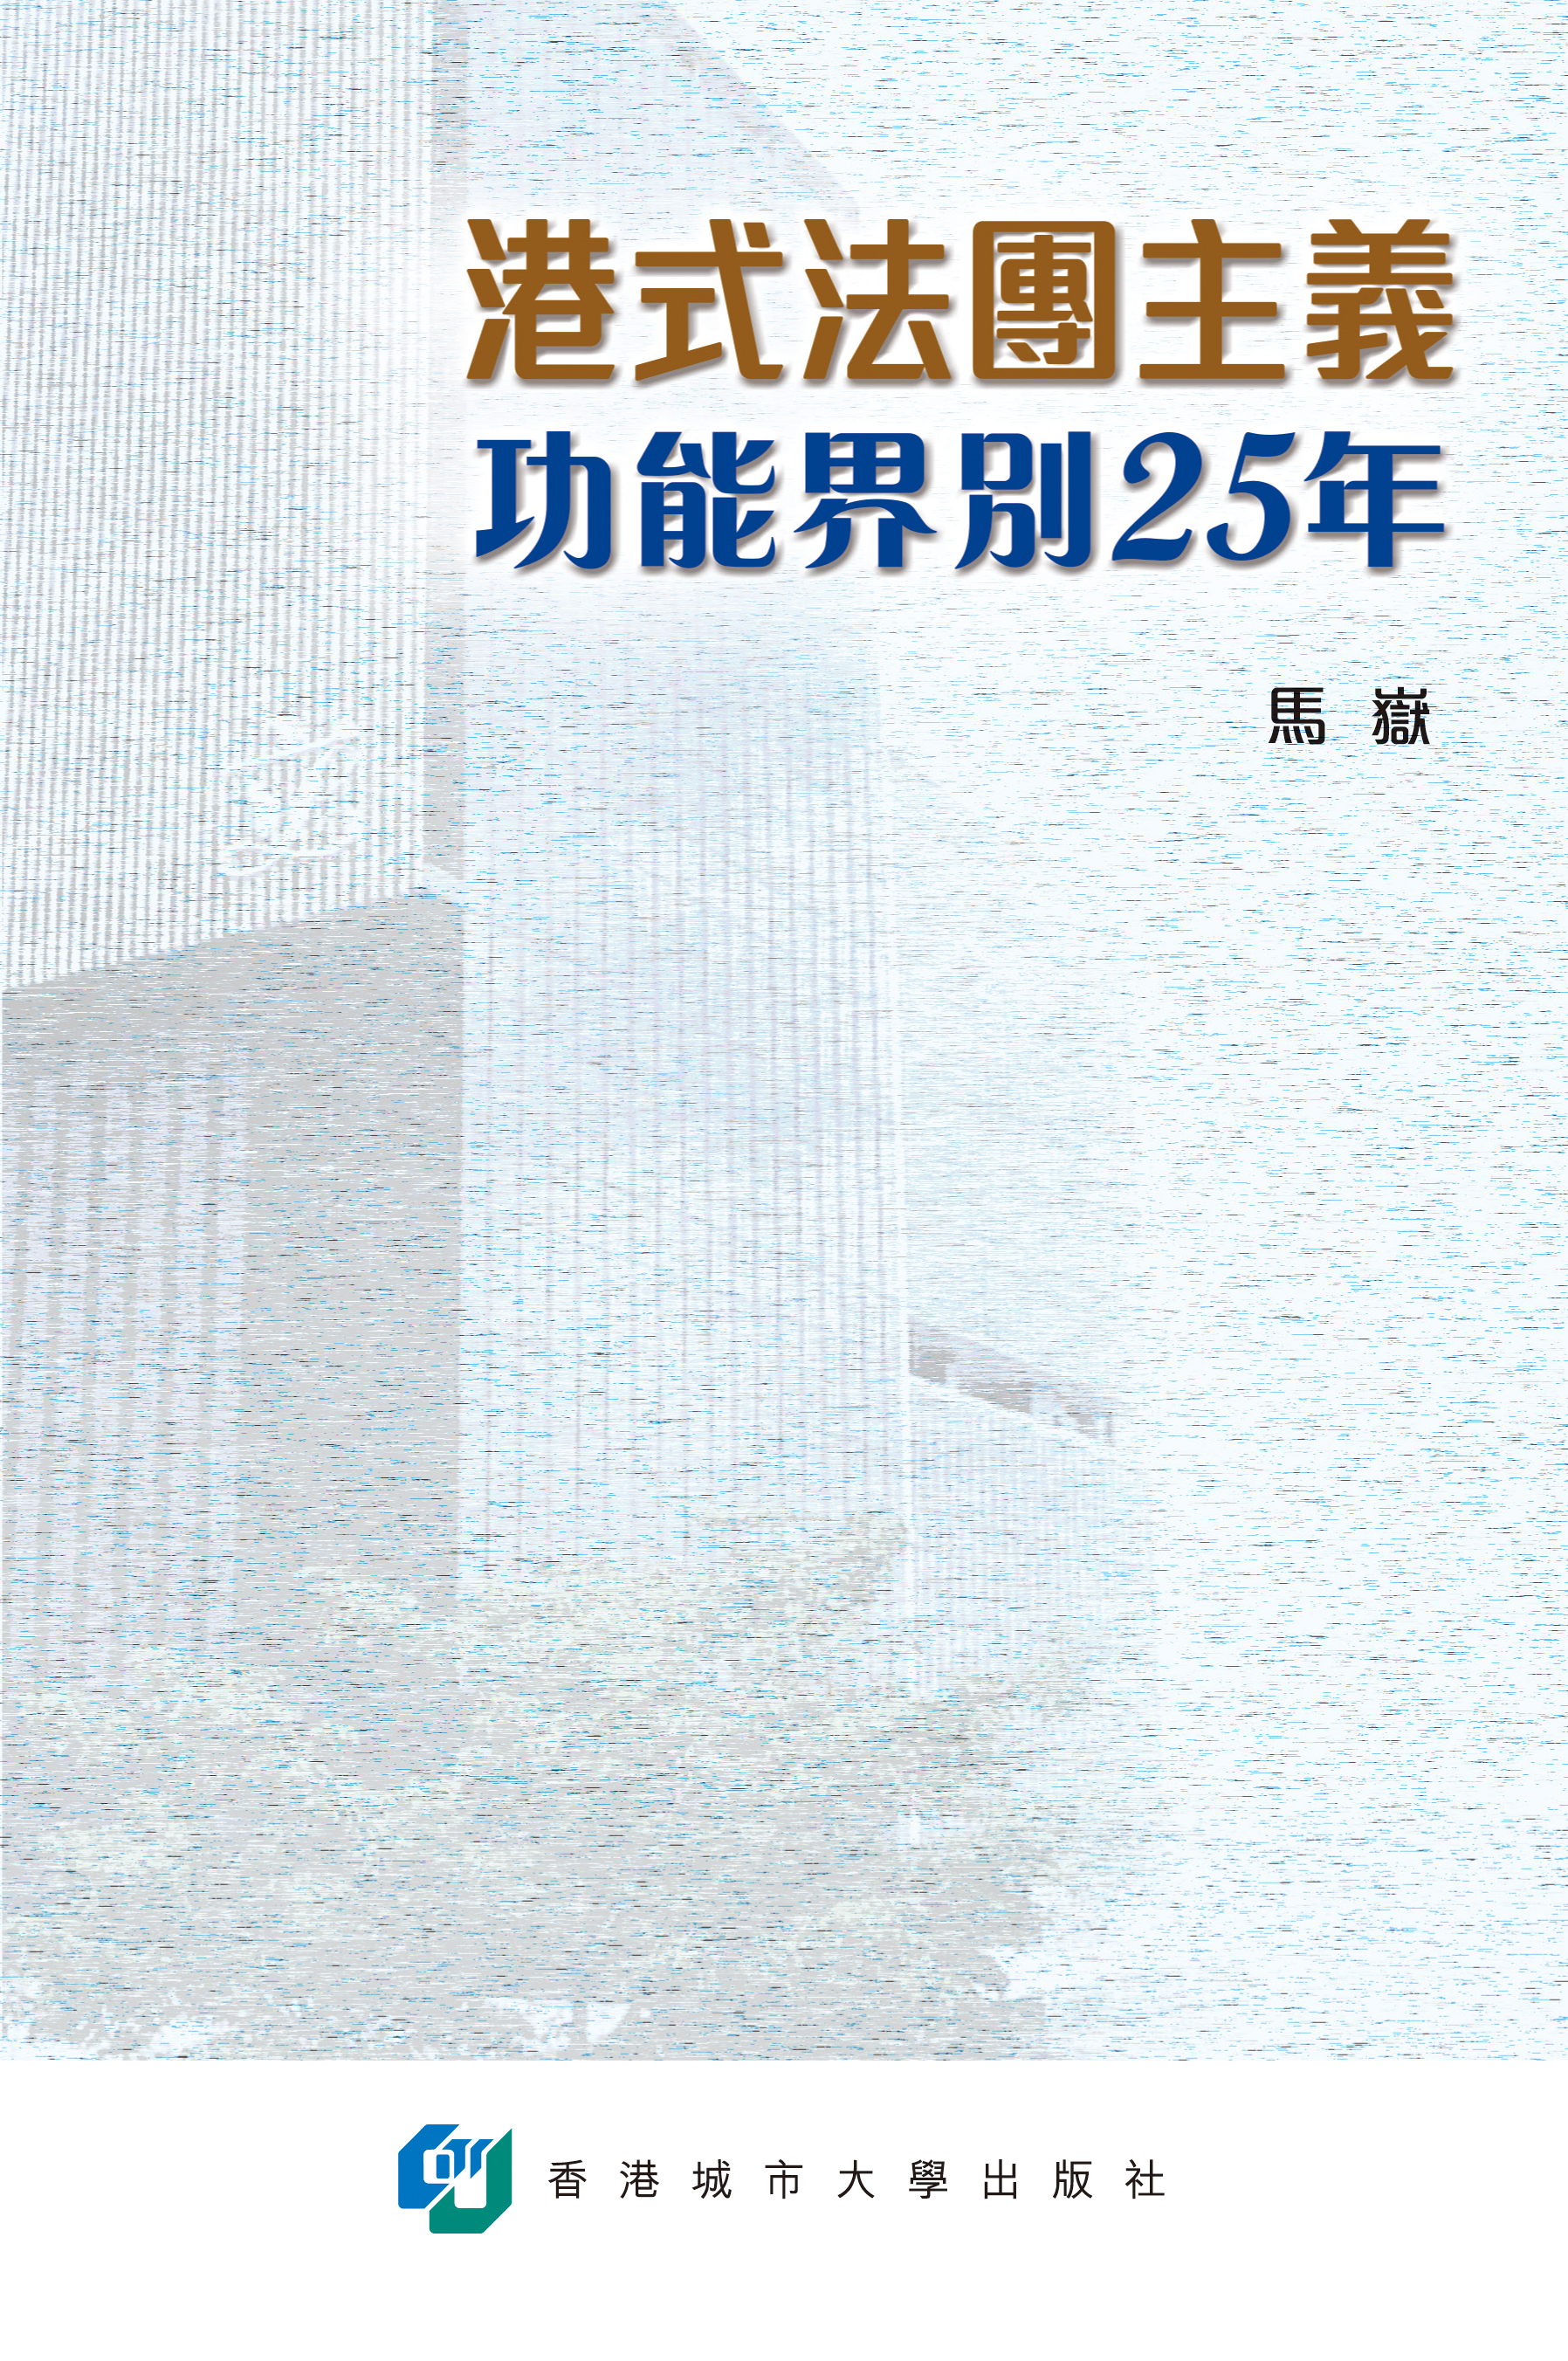 港式法團主義:功能界别 25 年